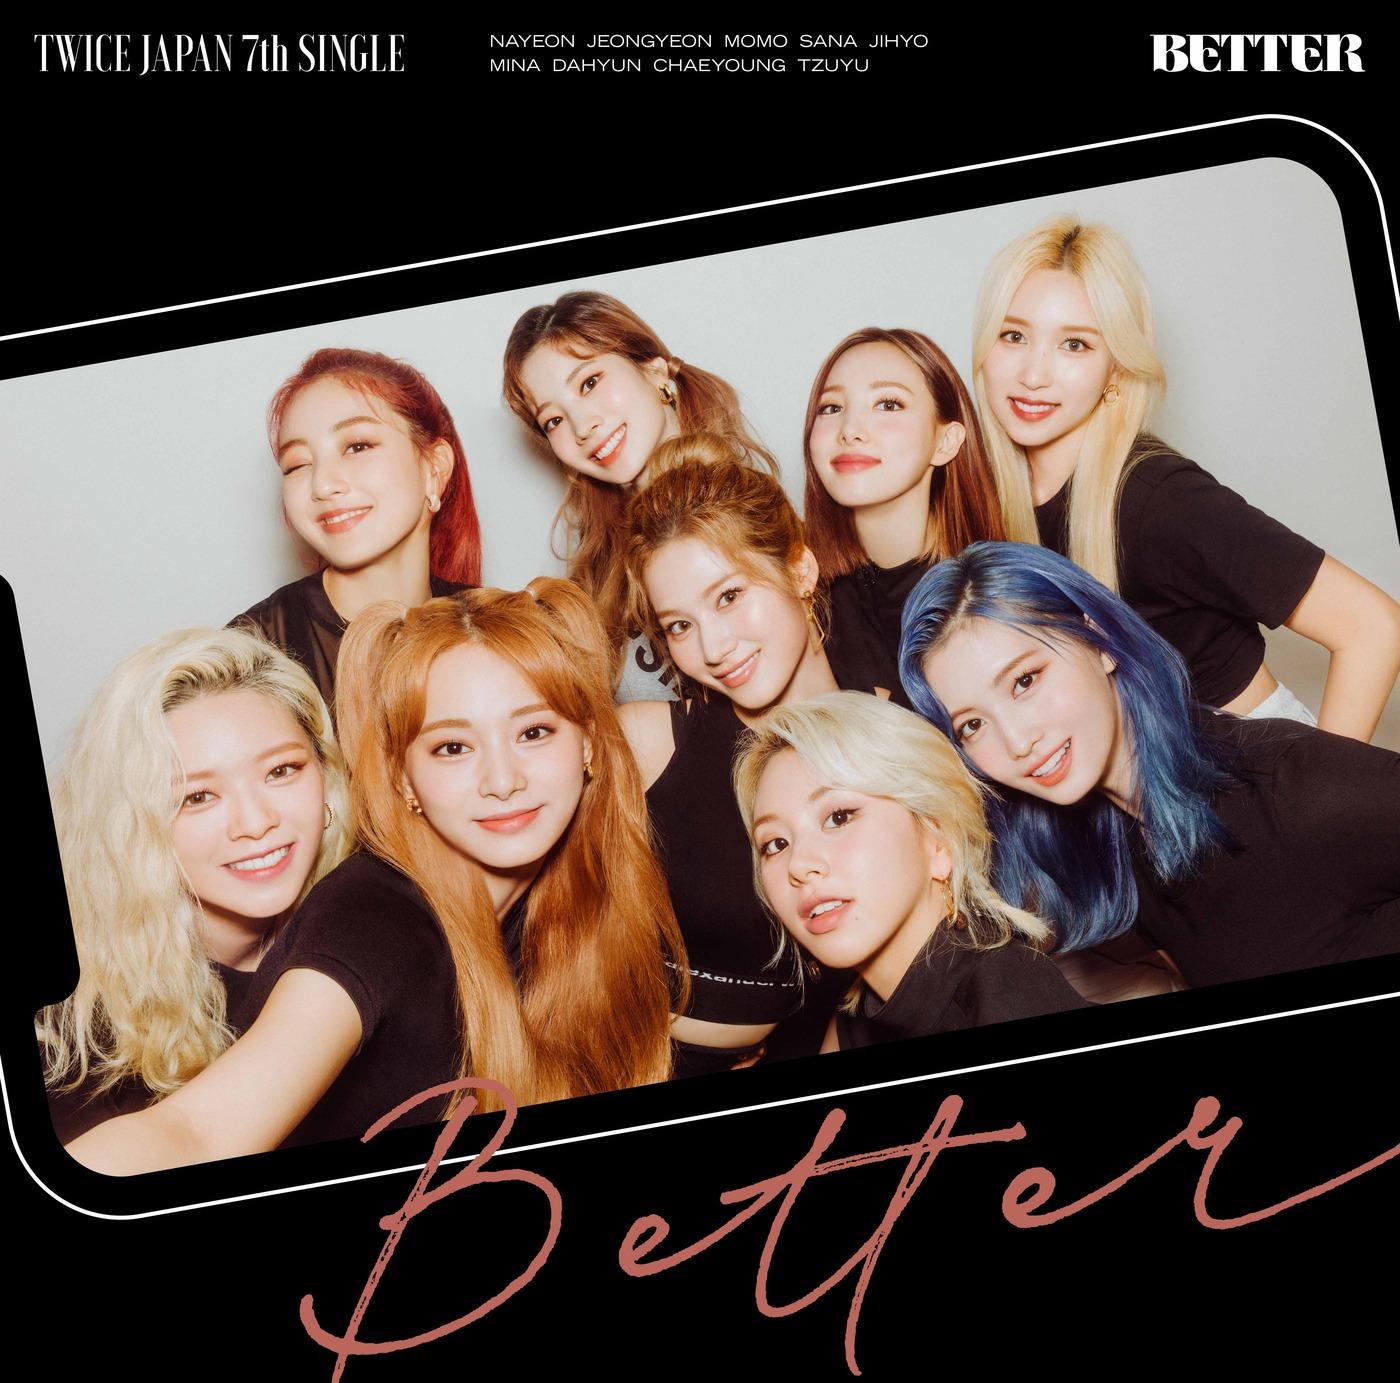 18일(수), 트와이스 일본 싱글 앨범 7집 'BETTER' 발매 | 인스티즈